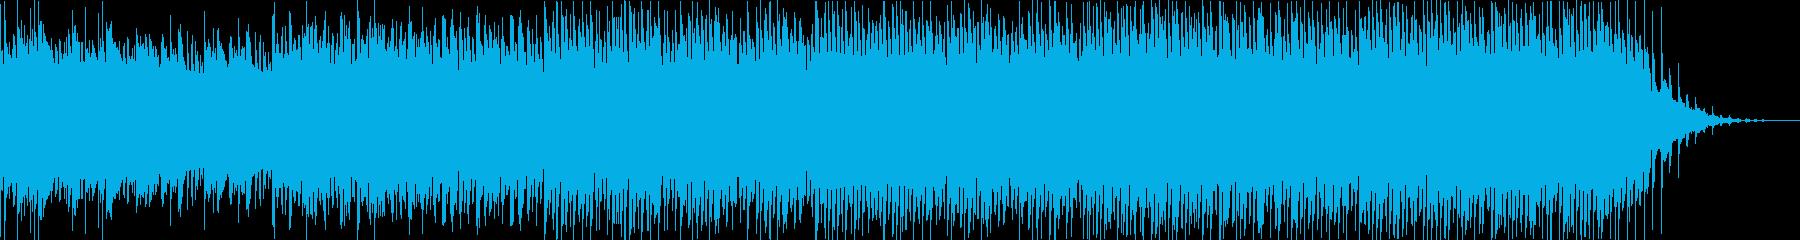 緊迫感のあるピアノエレクトロサウンドの再生済みの波形